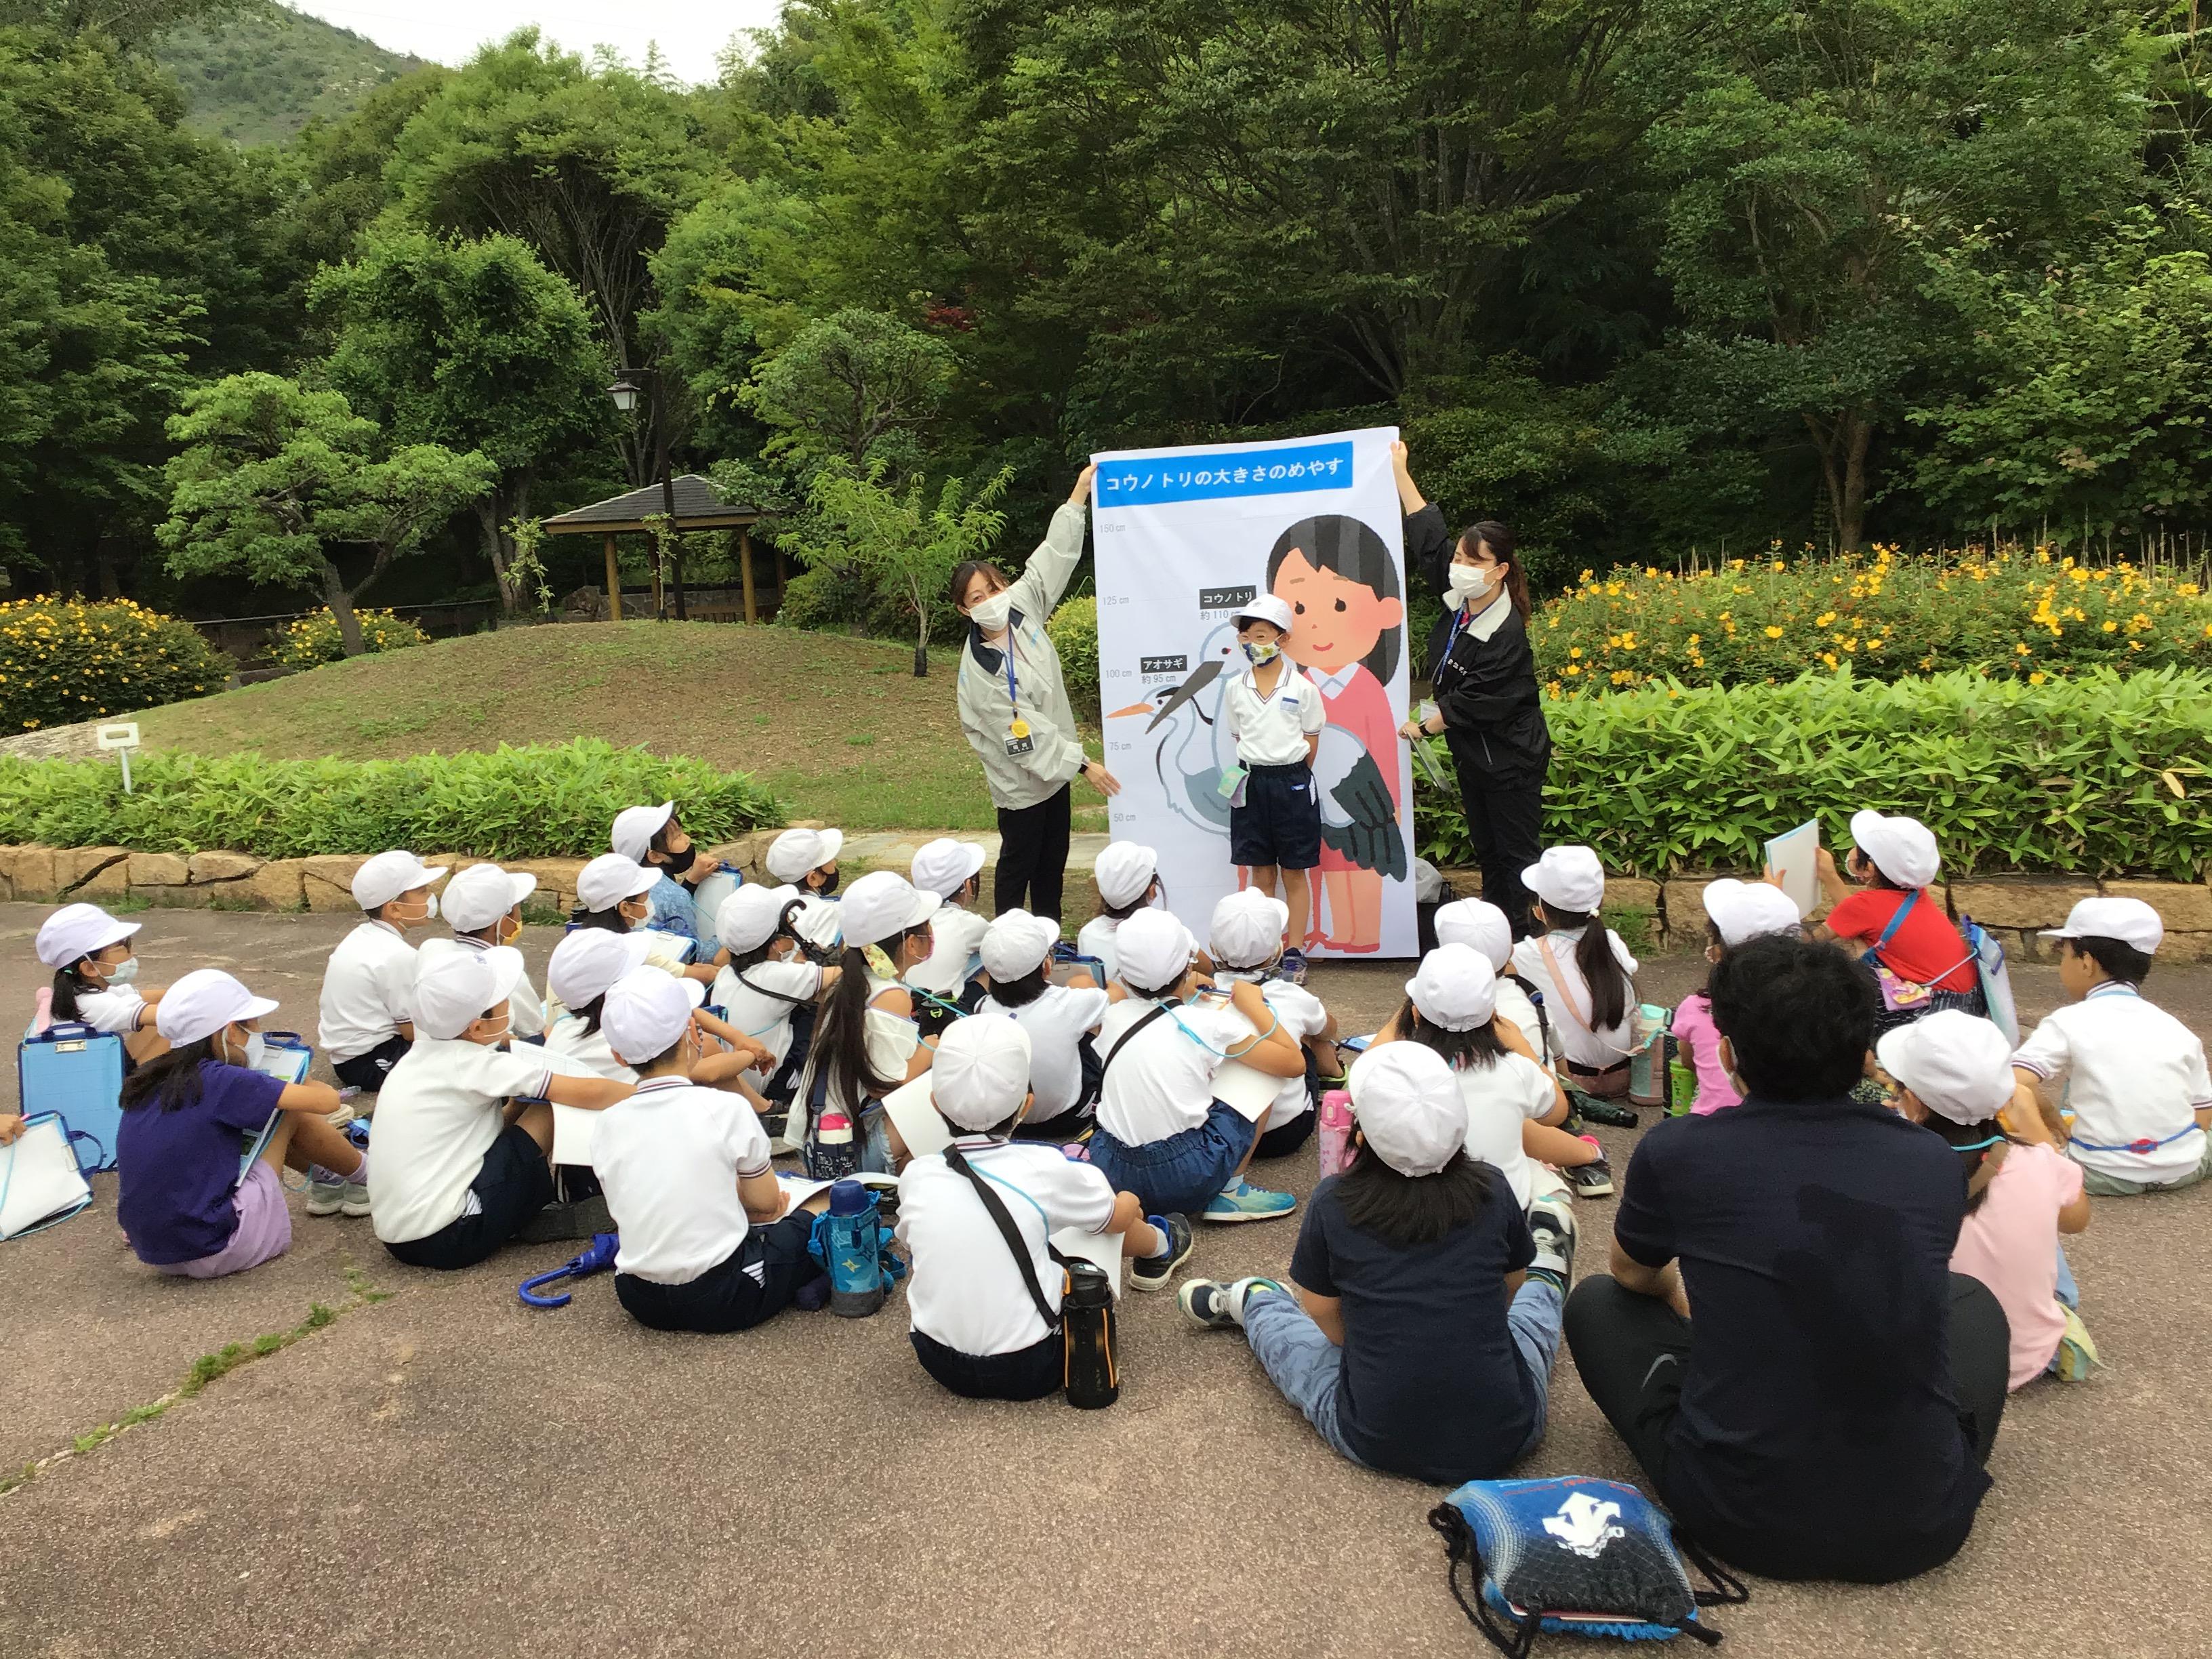 東播磨県民局の稲岡さんと福田さんがコウノトリについて説明。生徒さんに実際に立ってもらい大きさを見比べました。